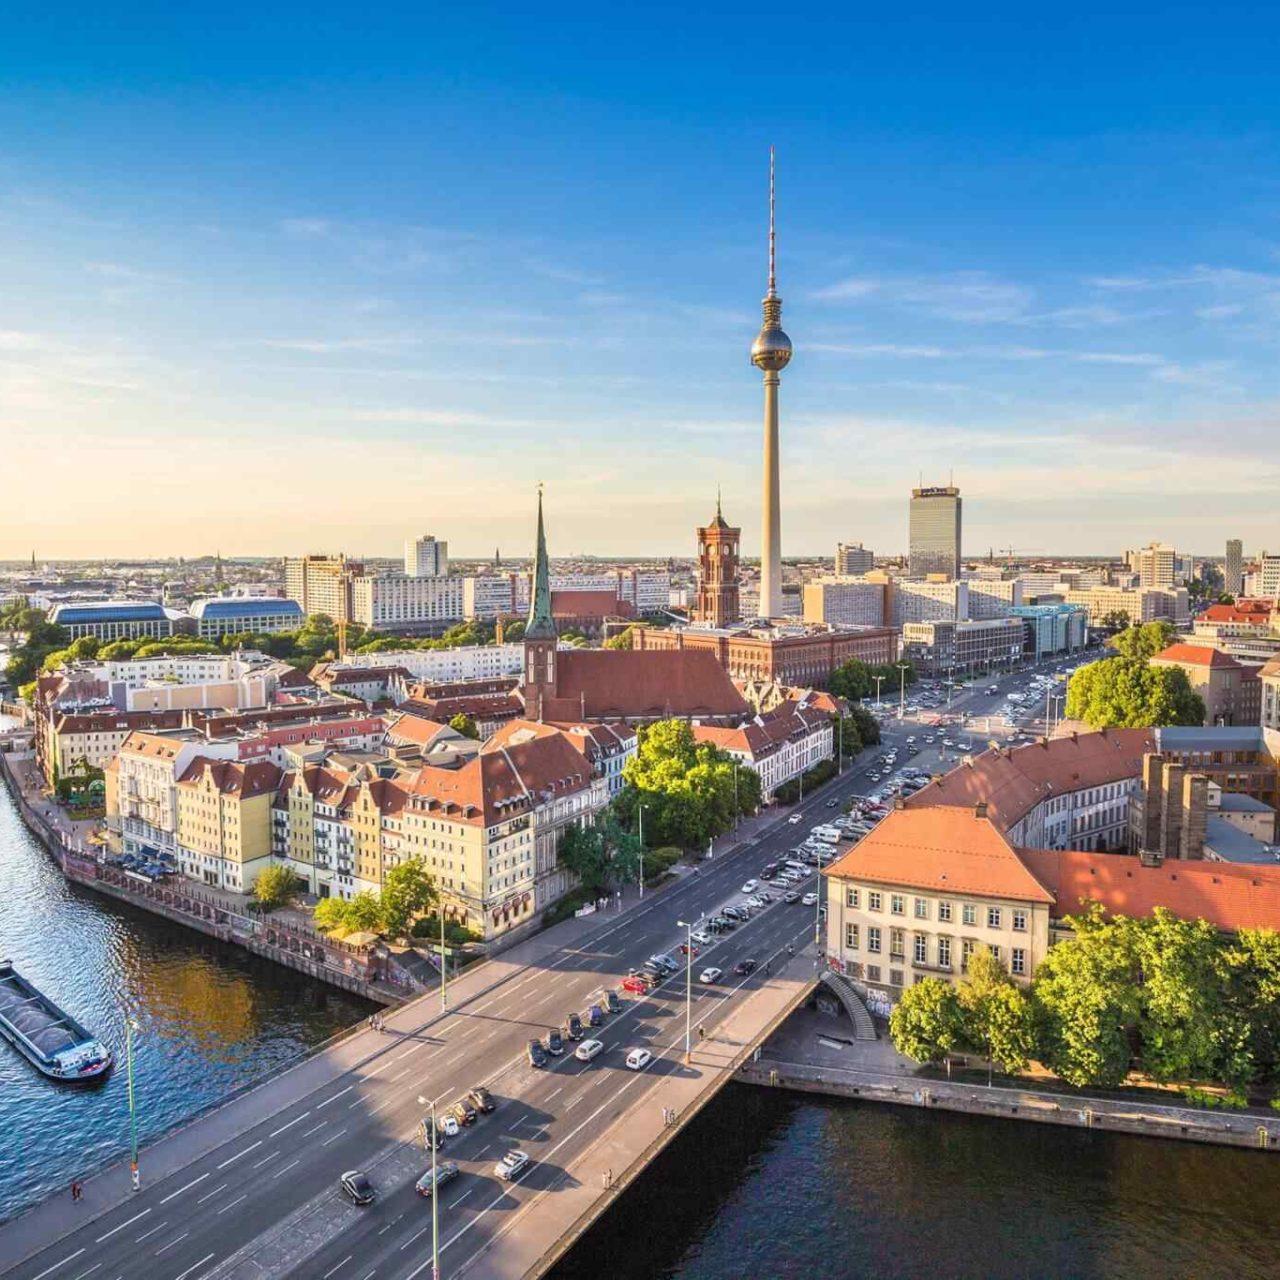 https://www.lukart.cz/wp-content/uploads/2018/09/destination-berlin-05-1280x1280.jpg